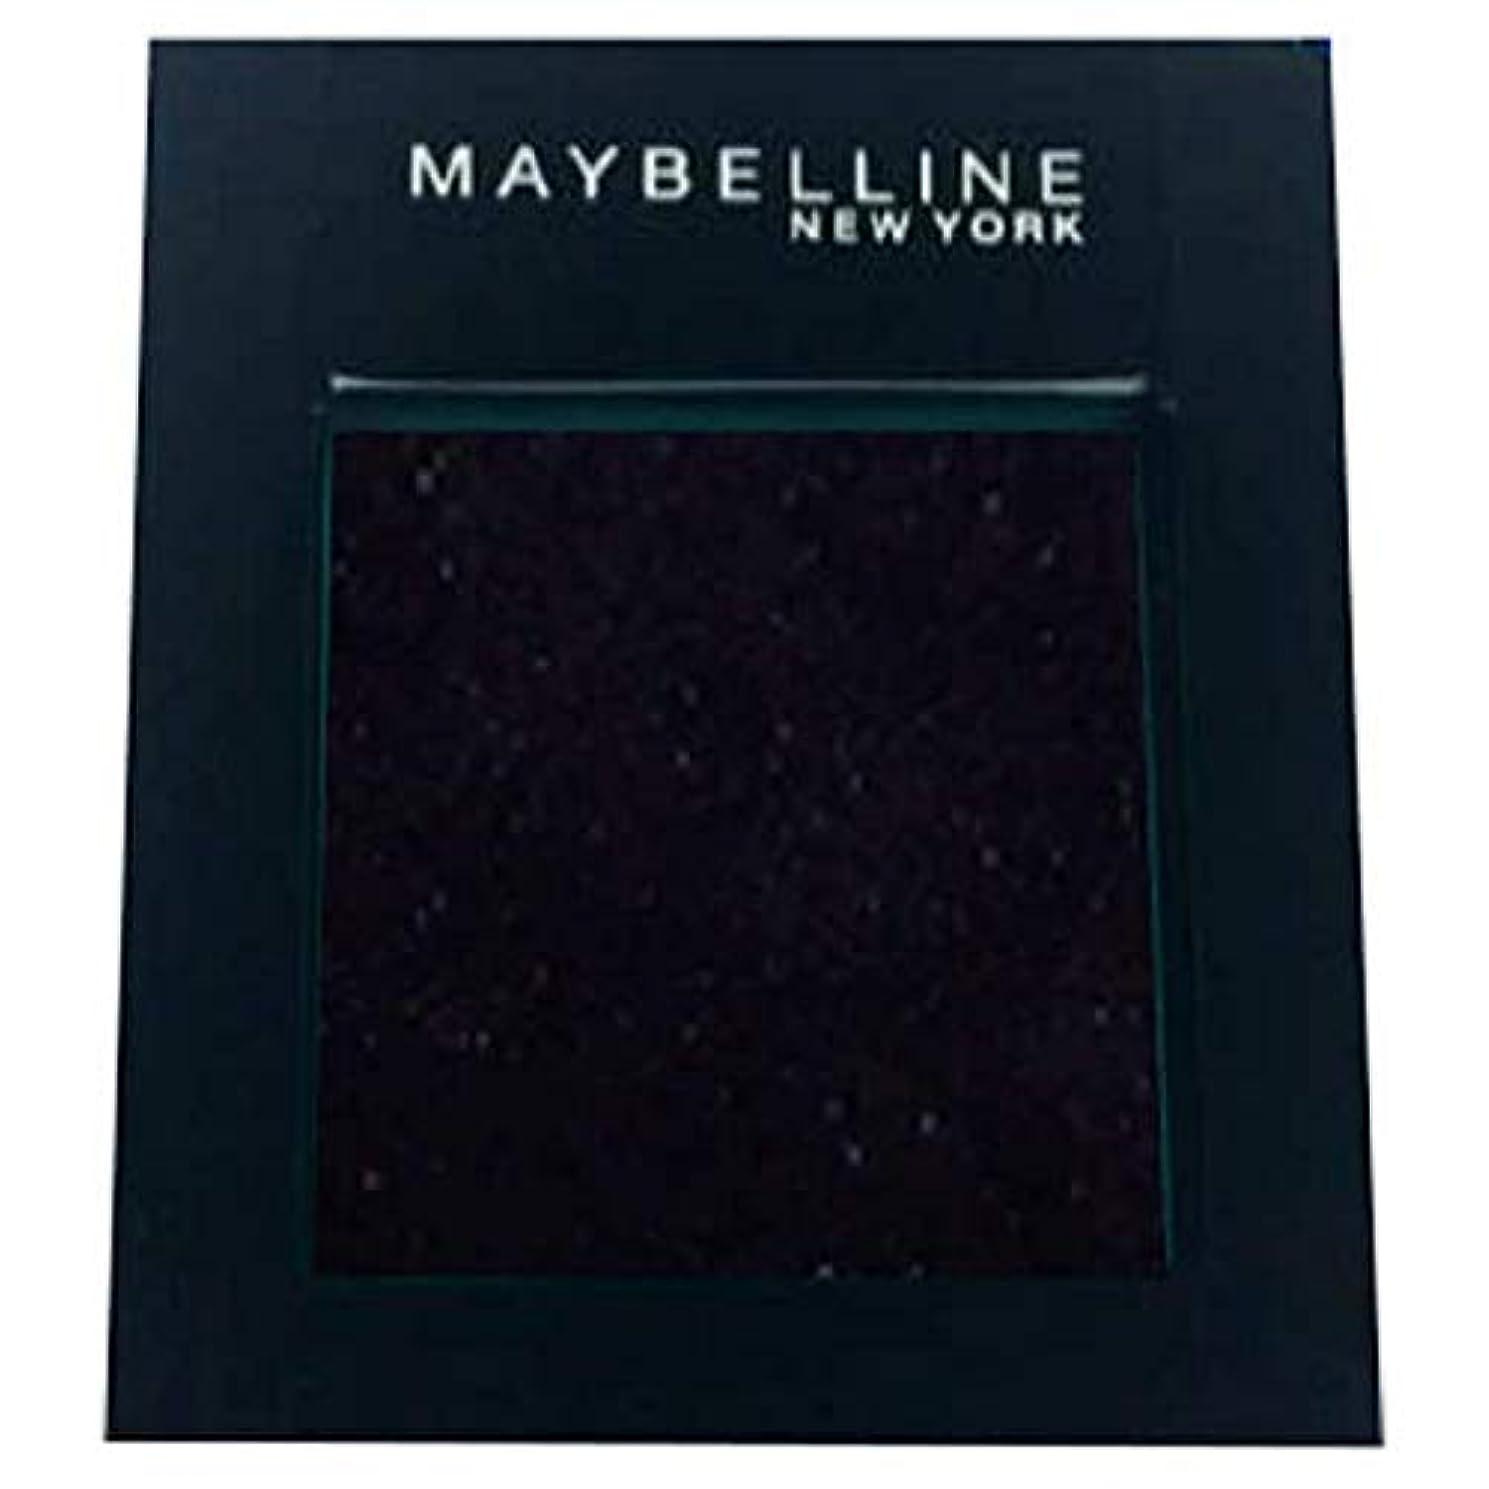 モニカカテゴリー手荷物[Maybelline ] メイベリンカラーショーシングルアイシャドウ125の夜 - Maybelline Color Show Single Eyeshadow 125 Night [並行輸入品]